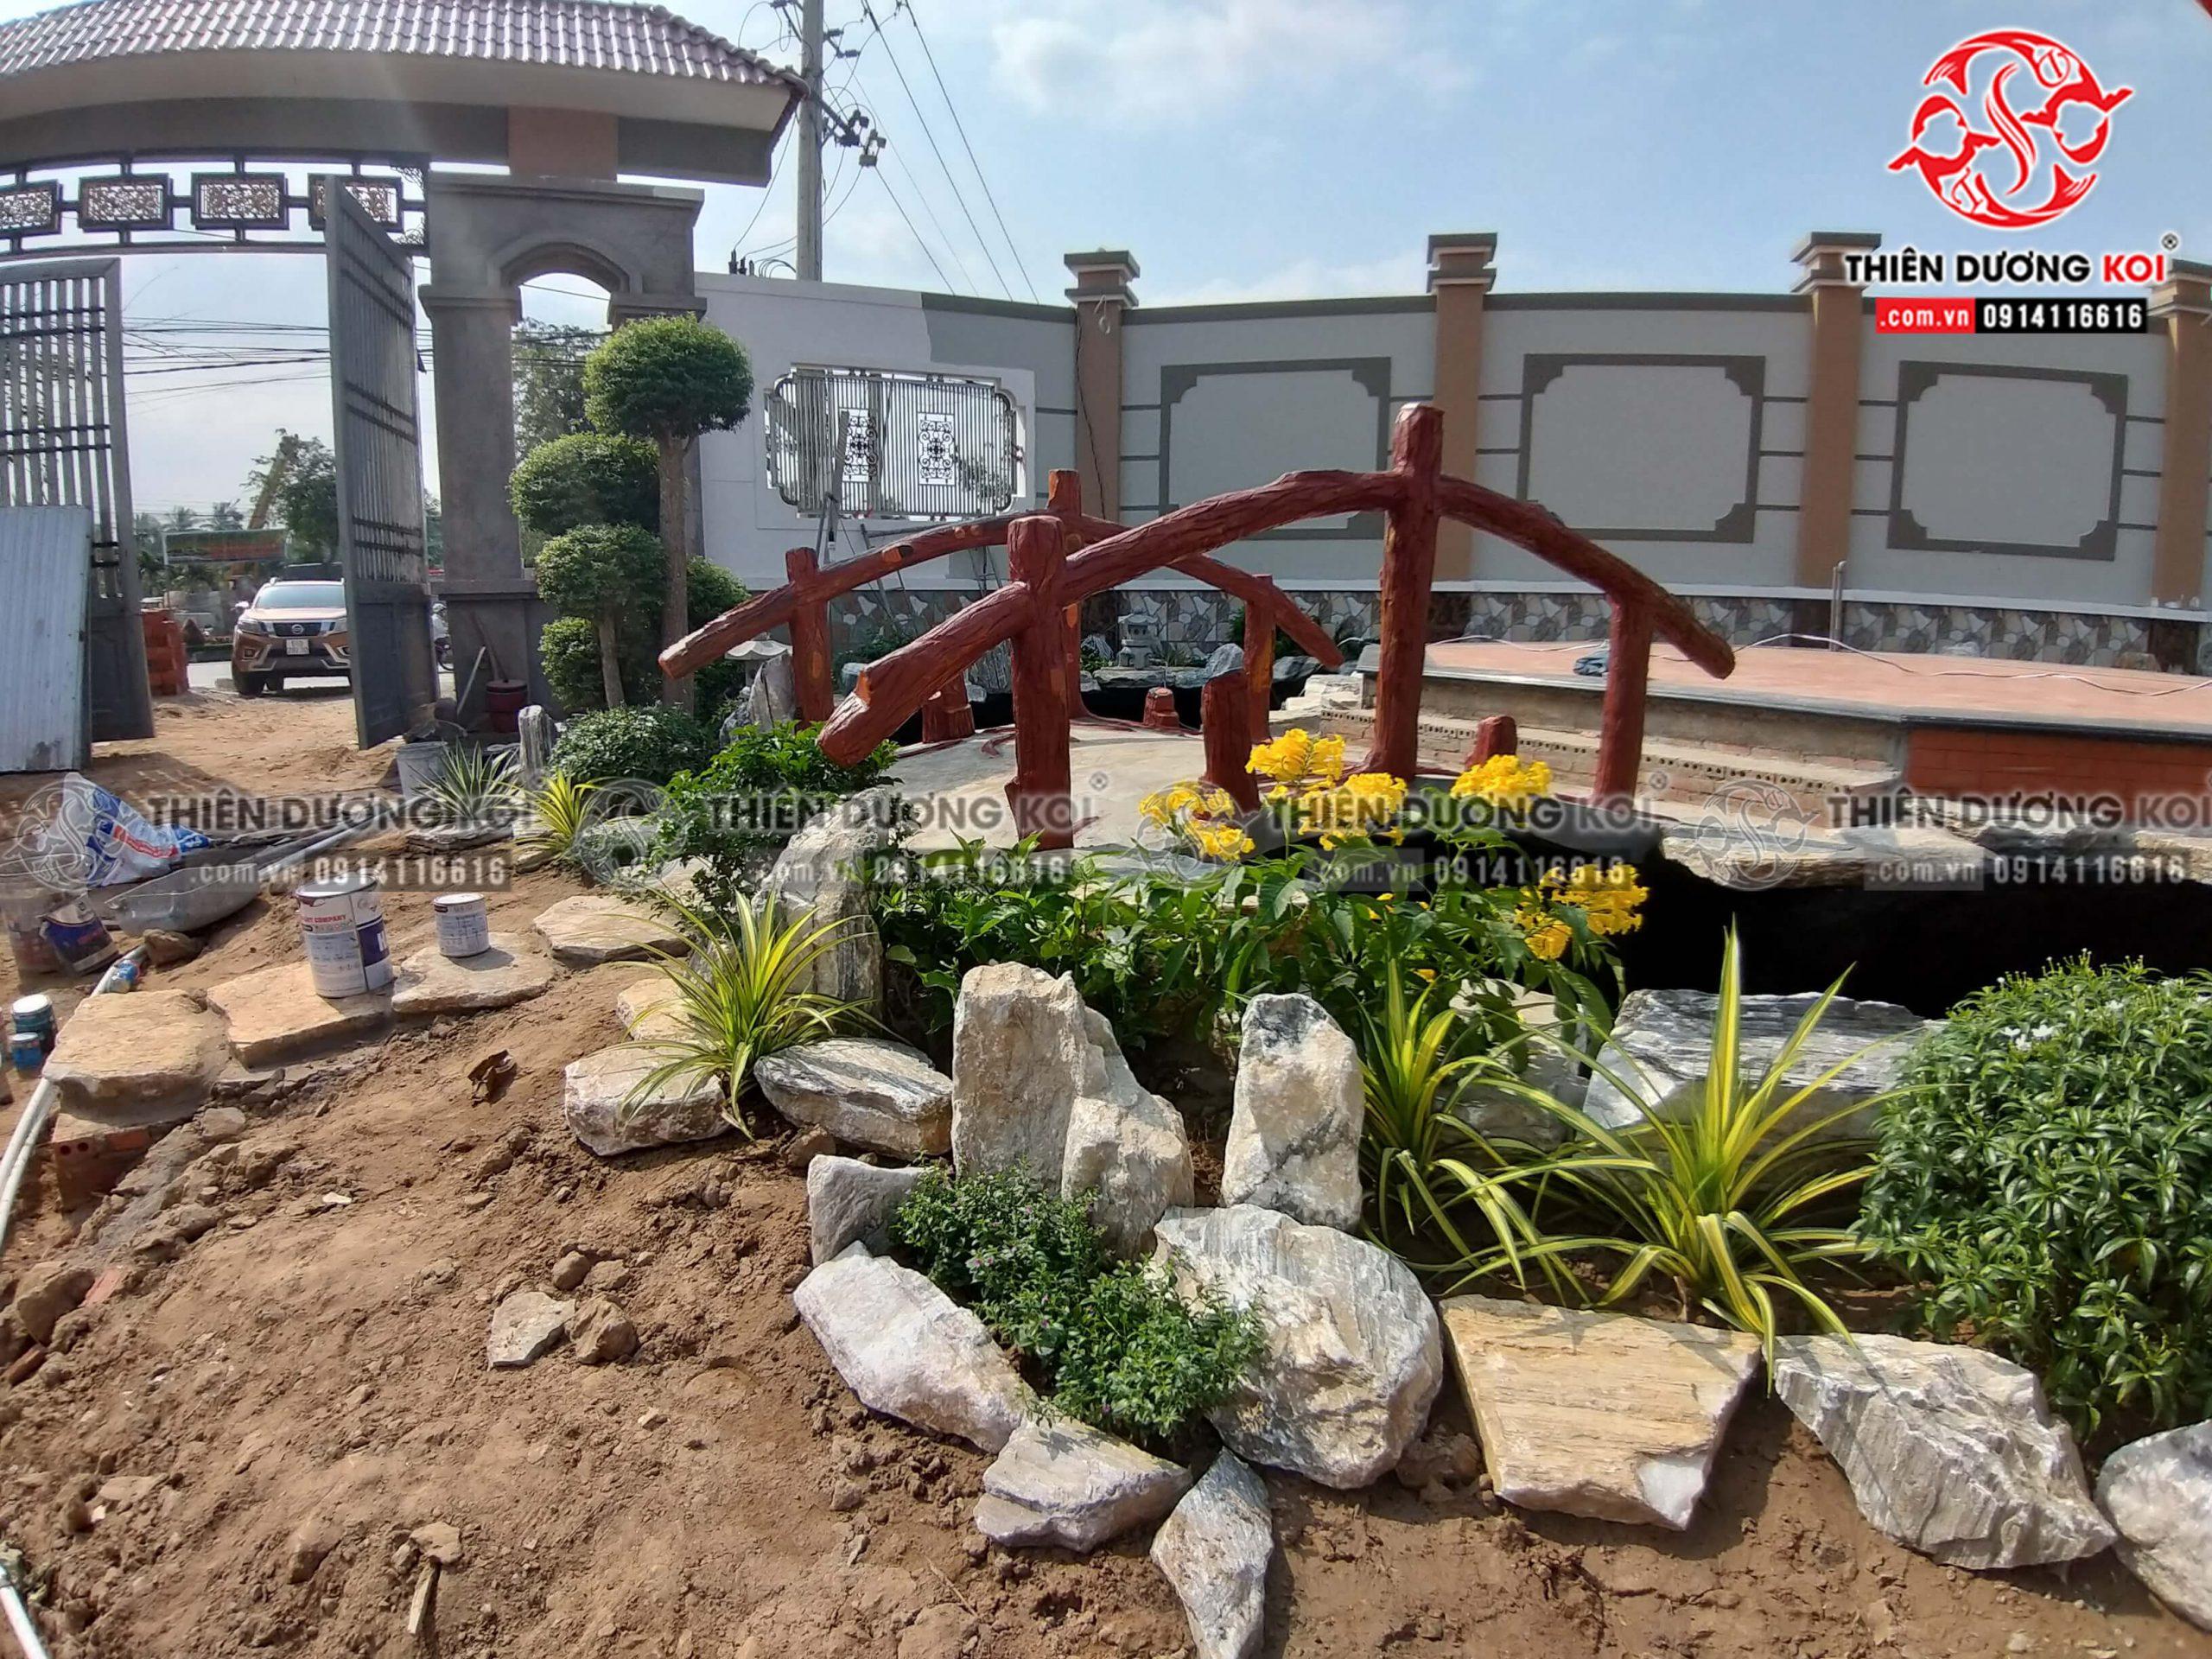 Quá trình xây dựng công trình hồ cá koi tại tỉnh Bến Tre đang vào gia đoạn hoàn thiện